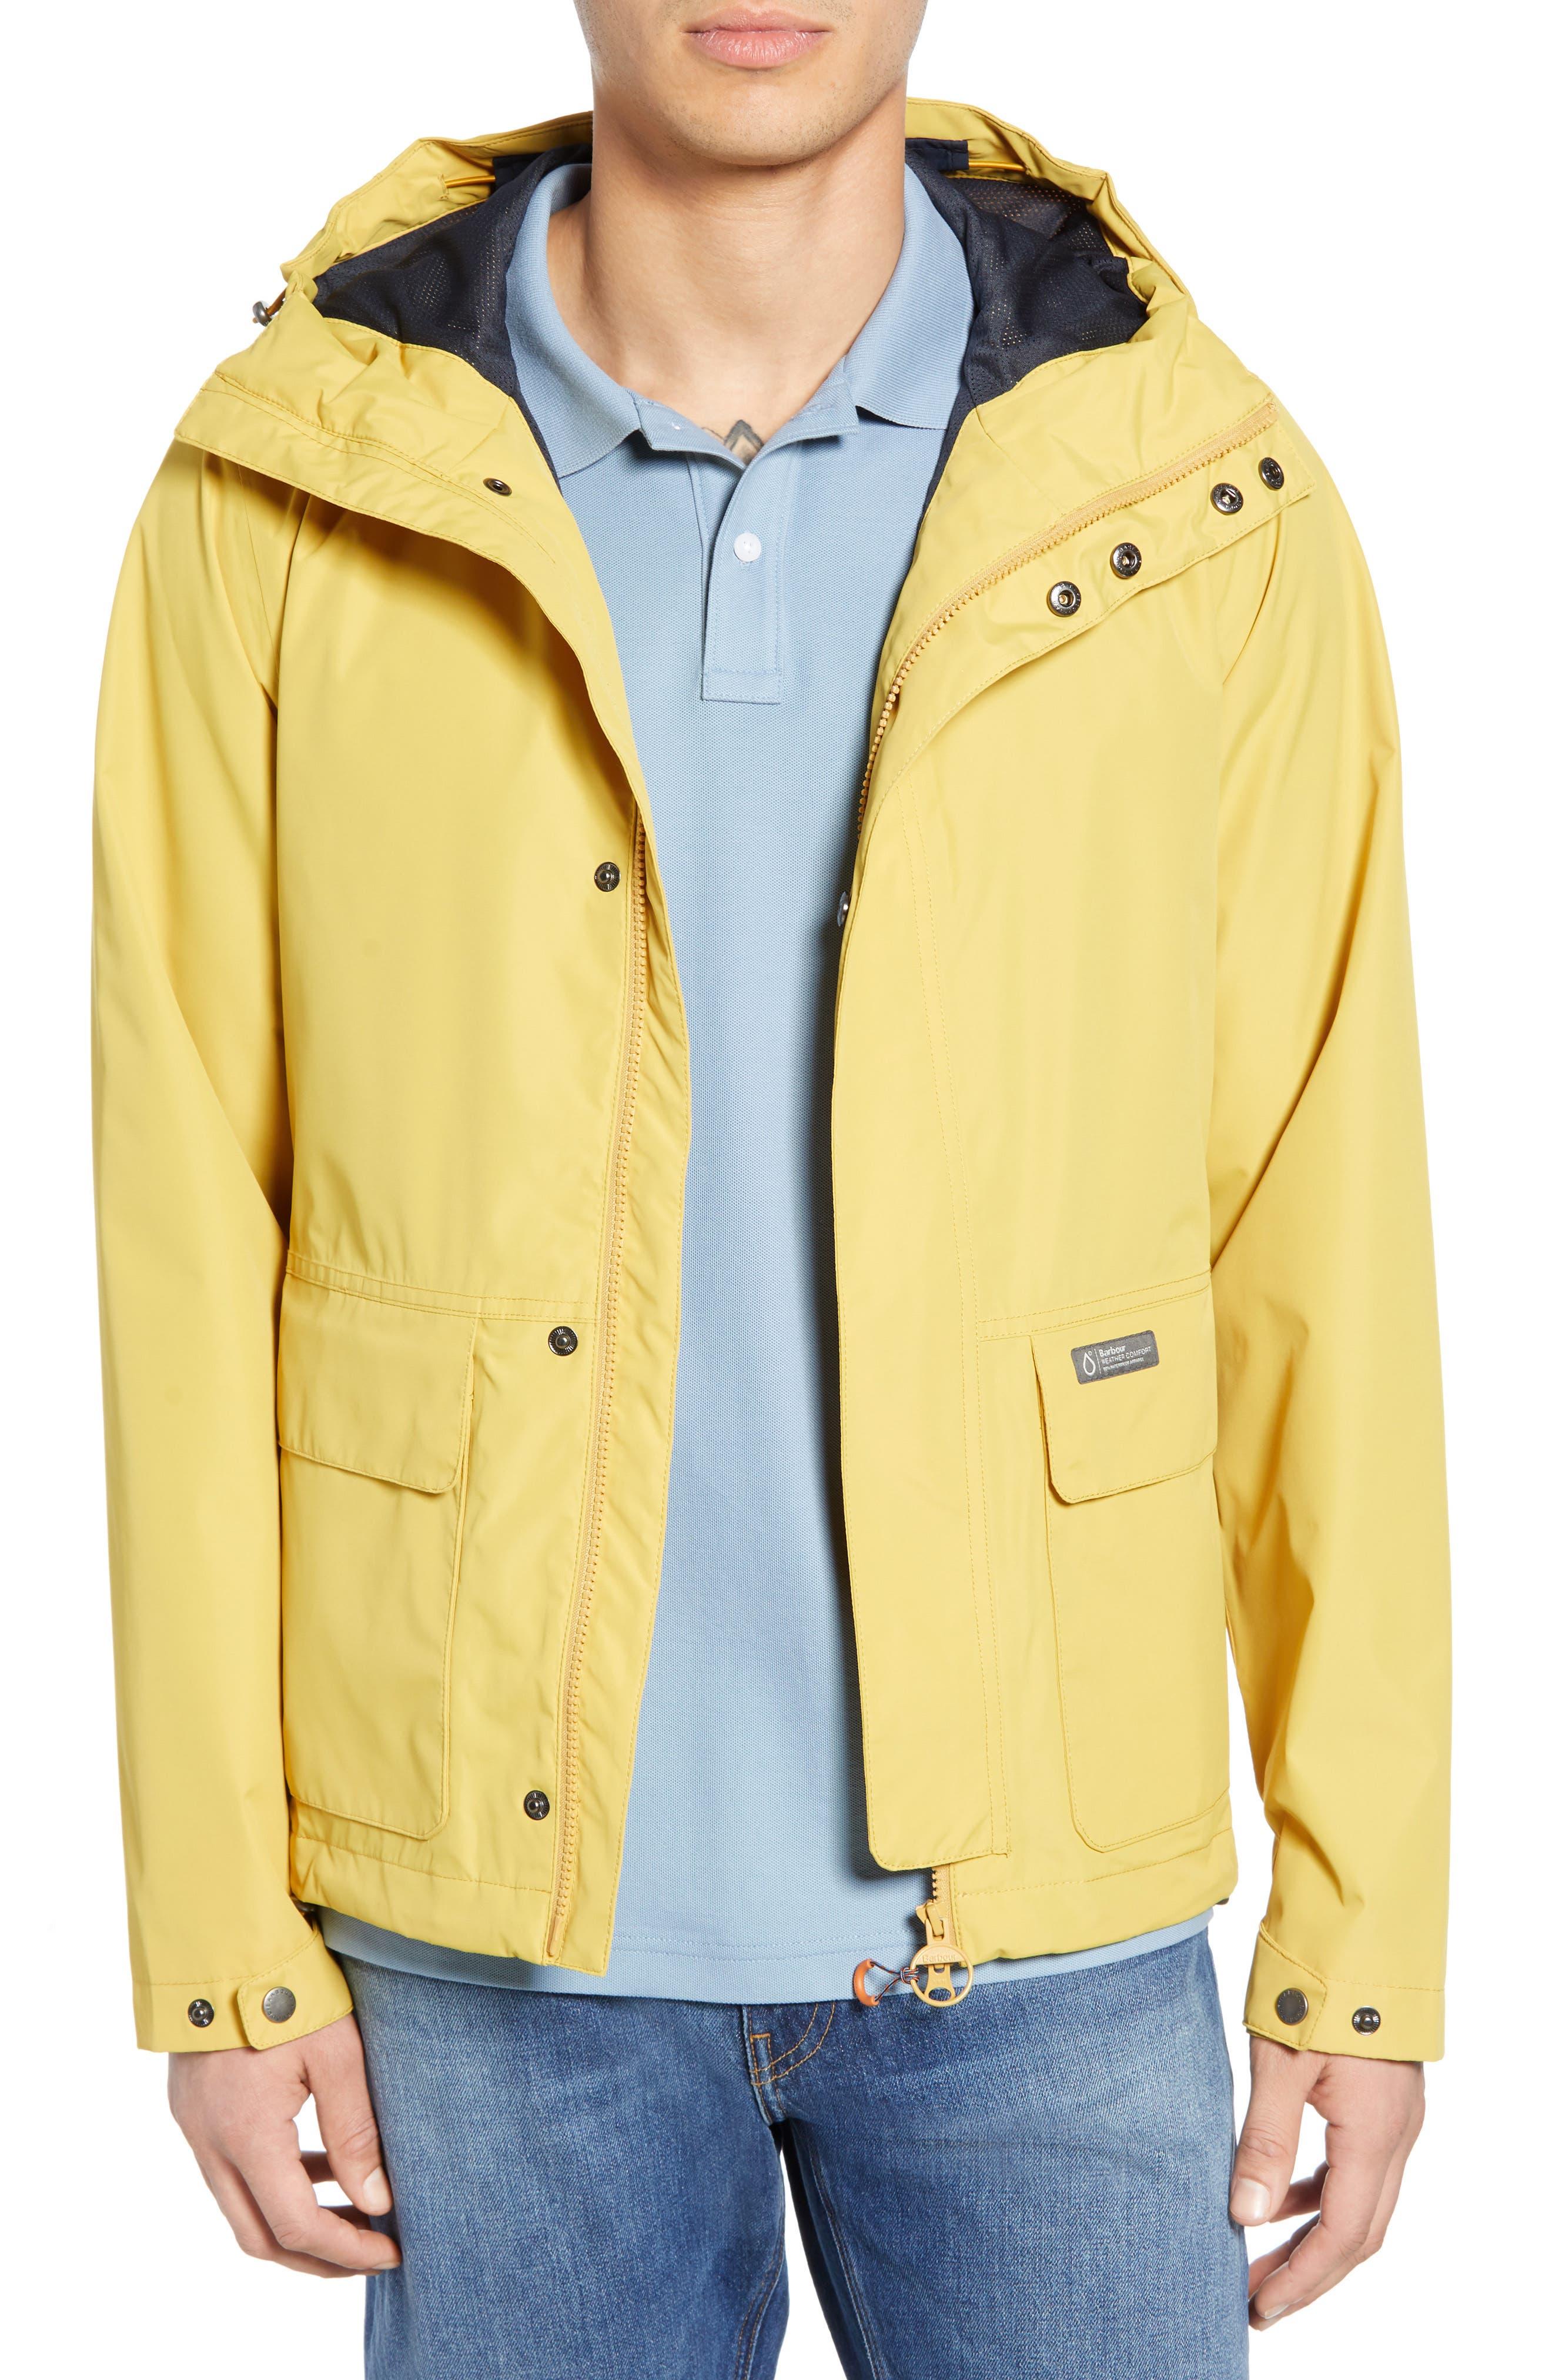 Barbour Foxtrot Waterproof Hooded Jacket, Metallic